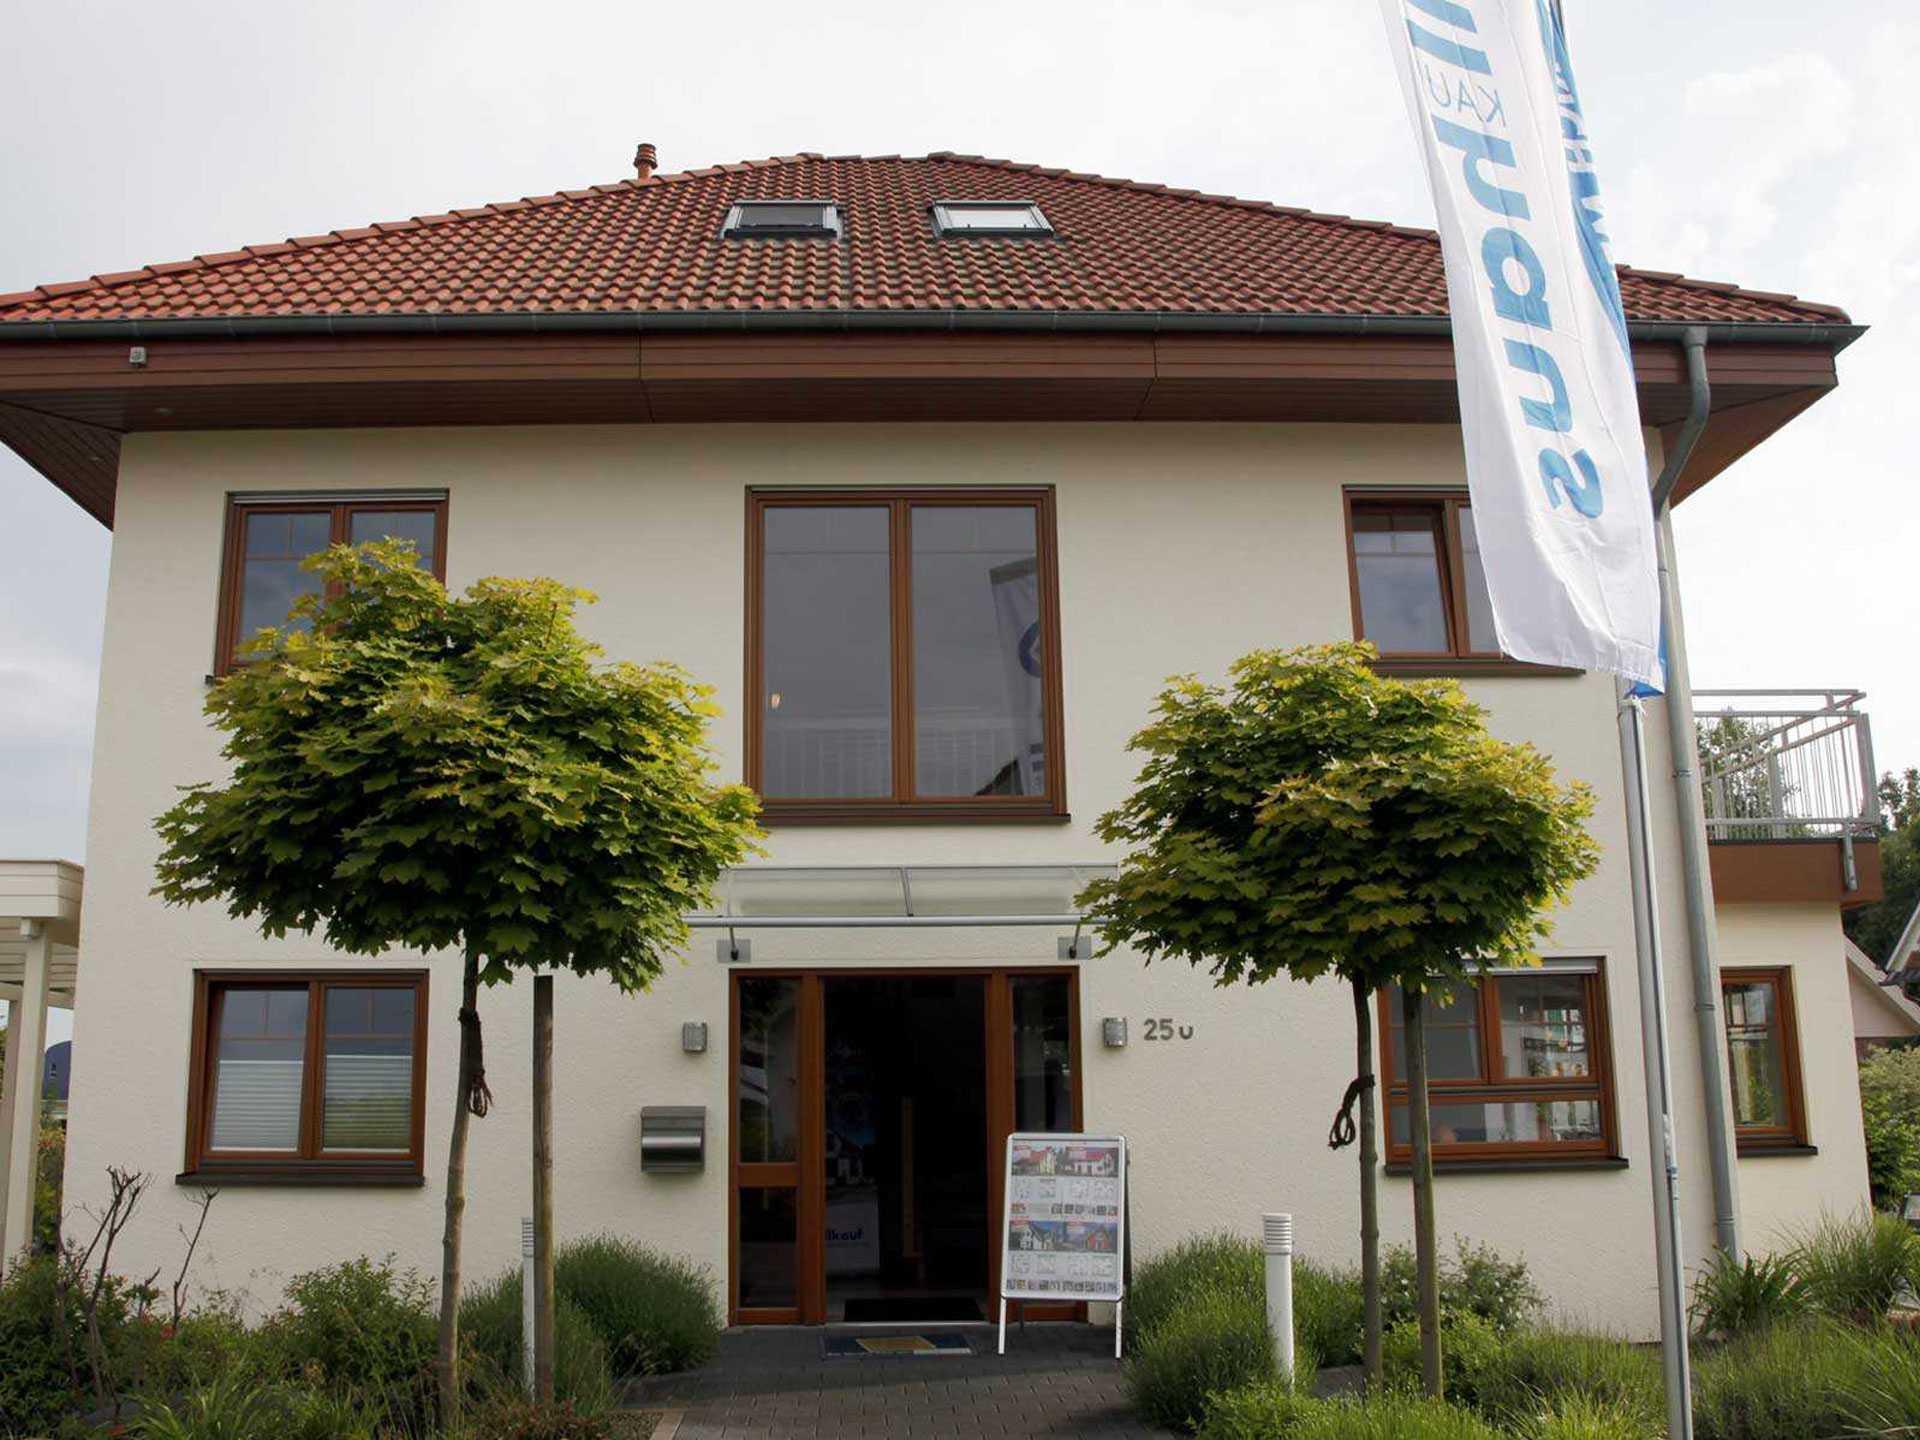 Allkauf_Haus-New_Line_1-FertighausWelt_Hannover Faszinierend Haus Am See Garbsen Dekorationen